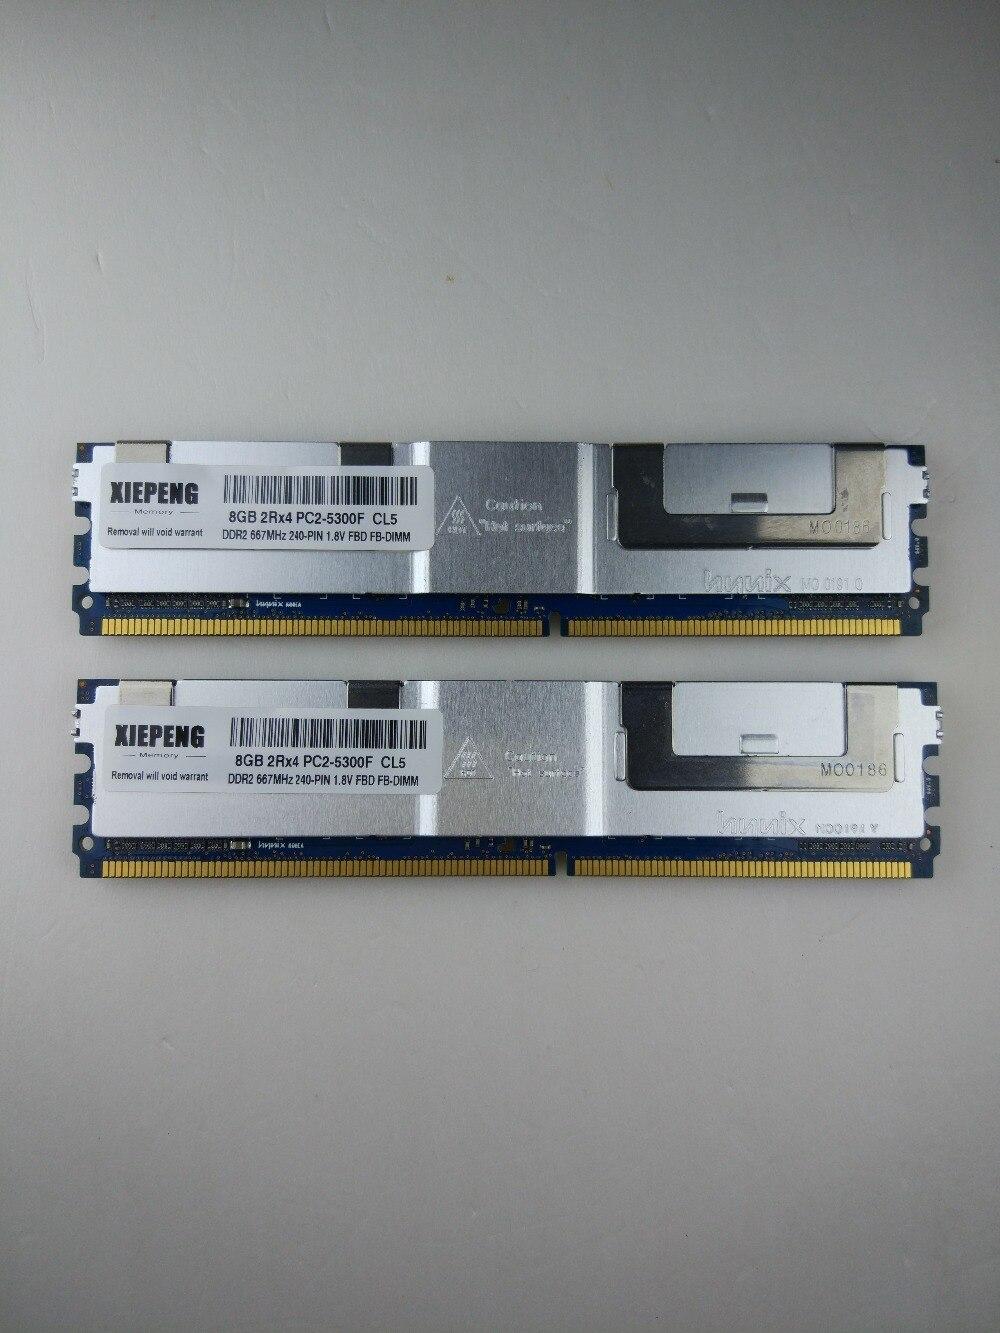 New Hynix 8GB 2x 4GB PC2-5300F 240pin 2RX4 DDR2 ECC Fully Buffered Server Ram